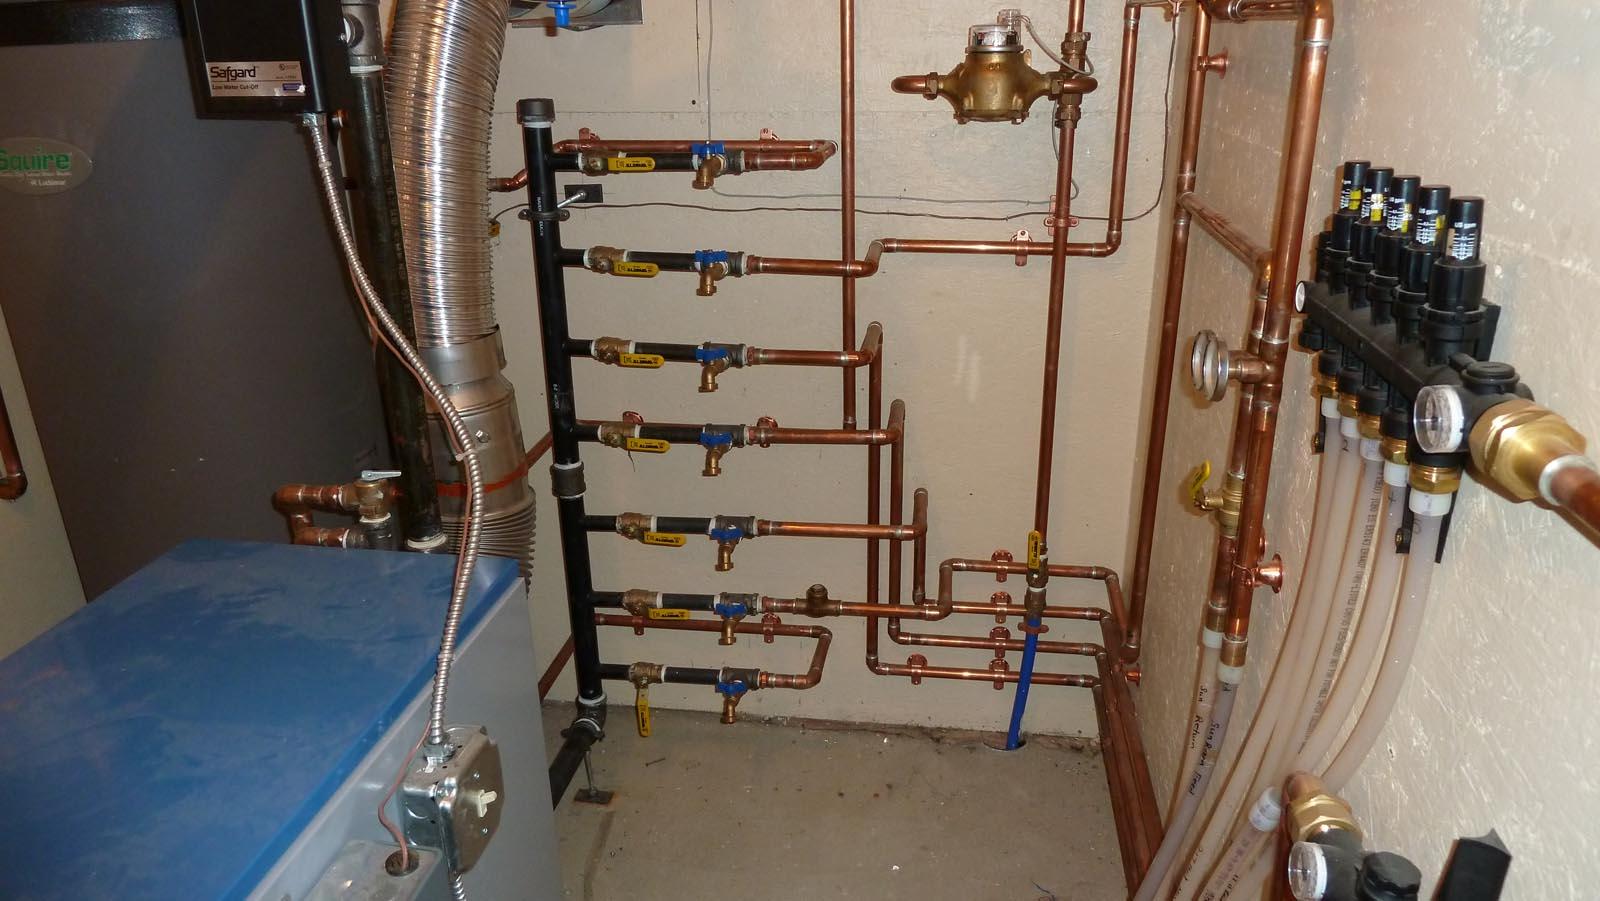 Radiant Heat Boiler System Images